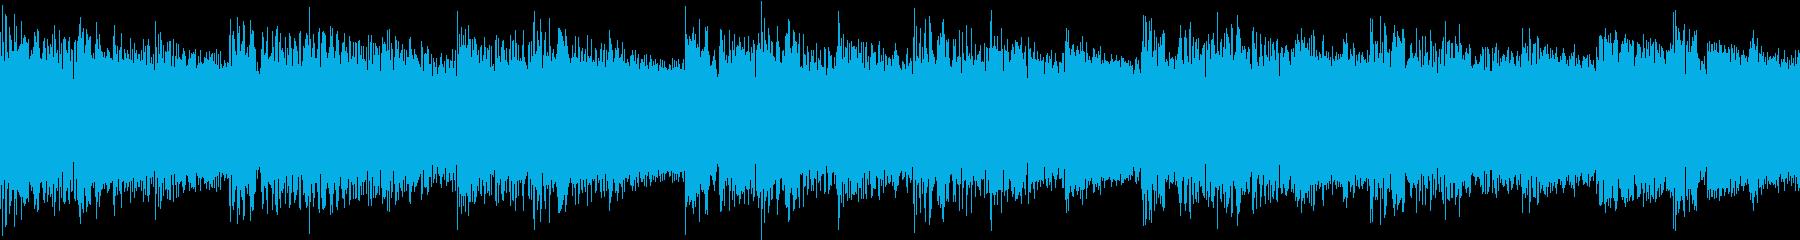 シンセ サイレン アナログ ピコピコ10の再生済みの波形